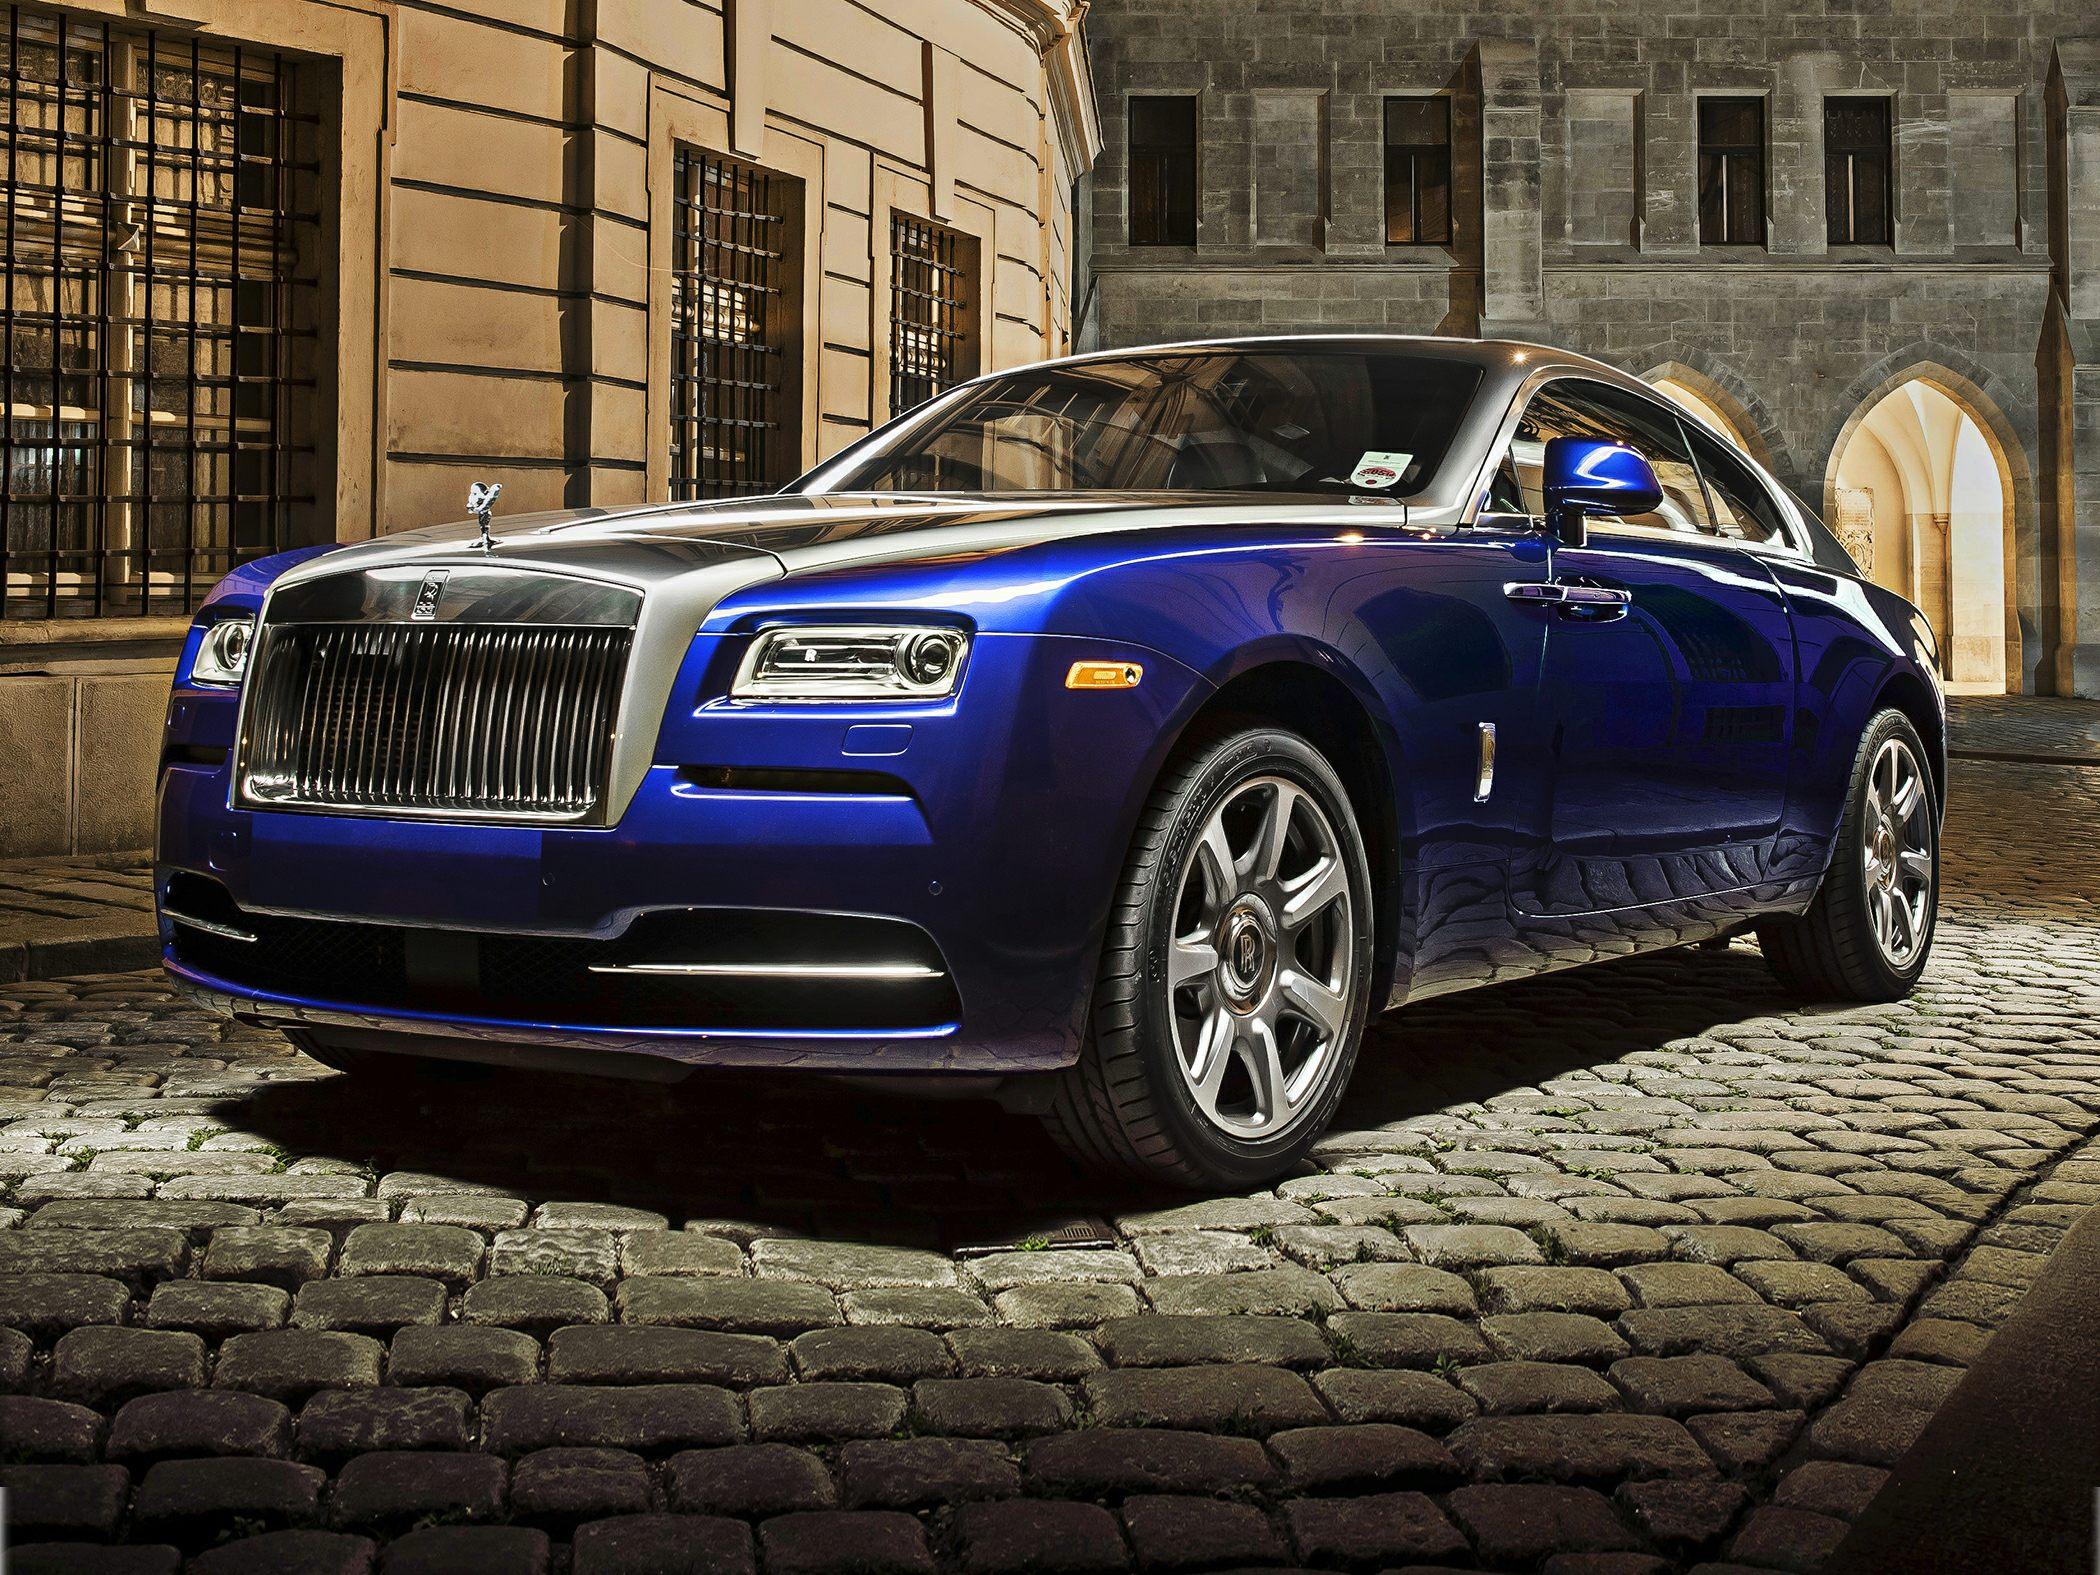 The Wraith Car: 2014 Rolls-Royce Wraith